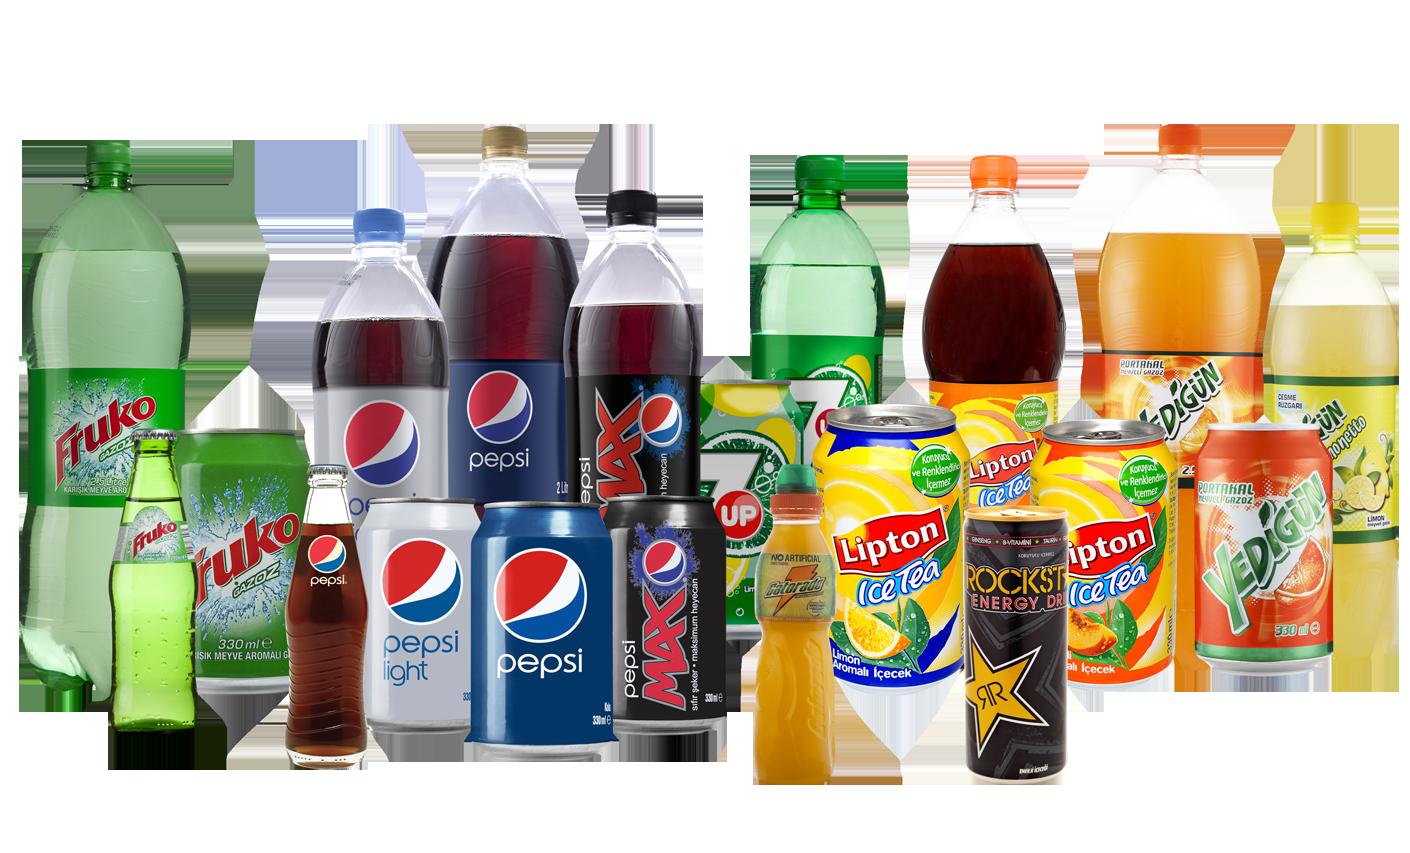 Pin by allen ruppert on world soda bottles.